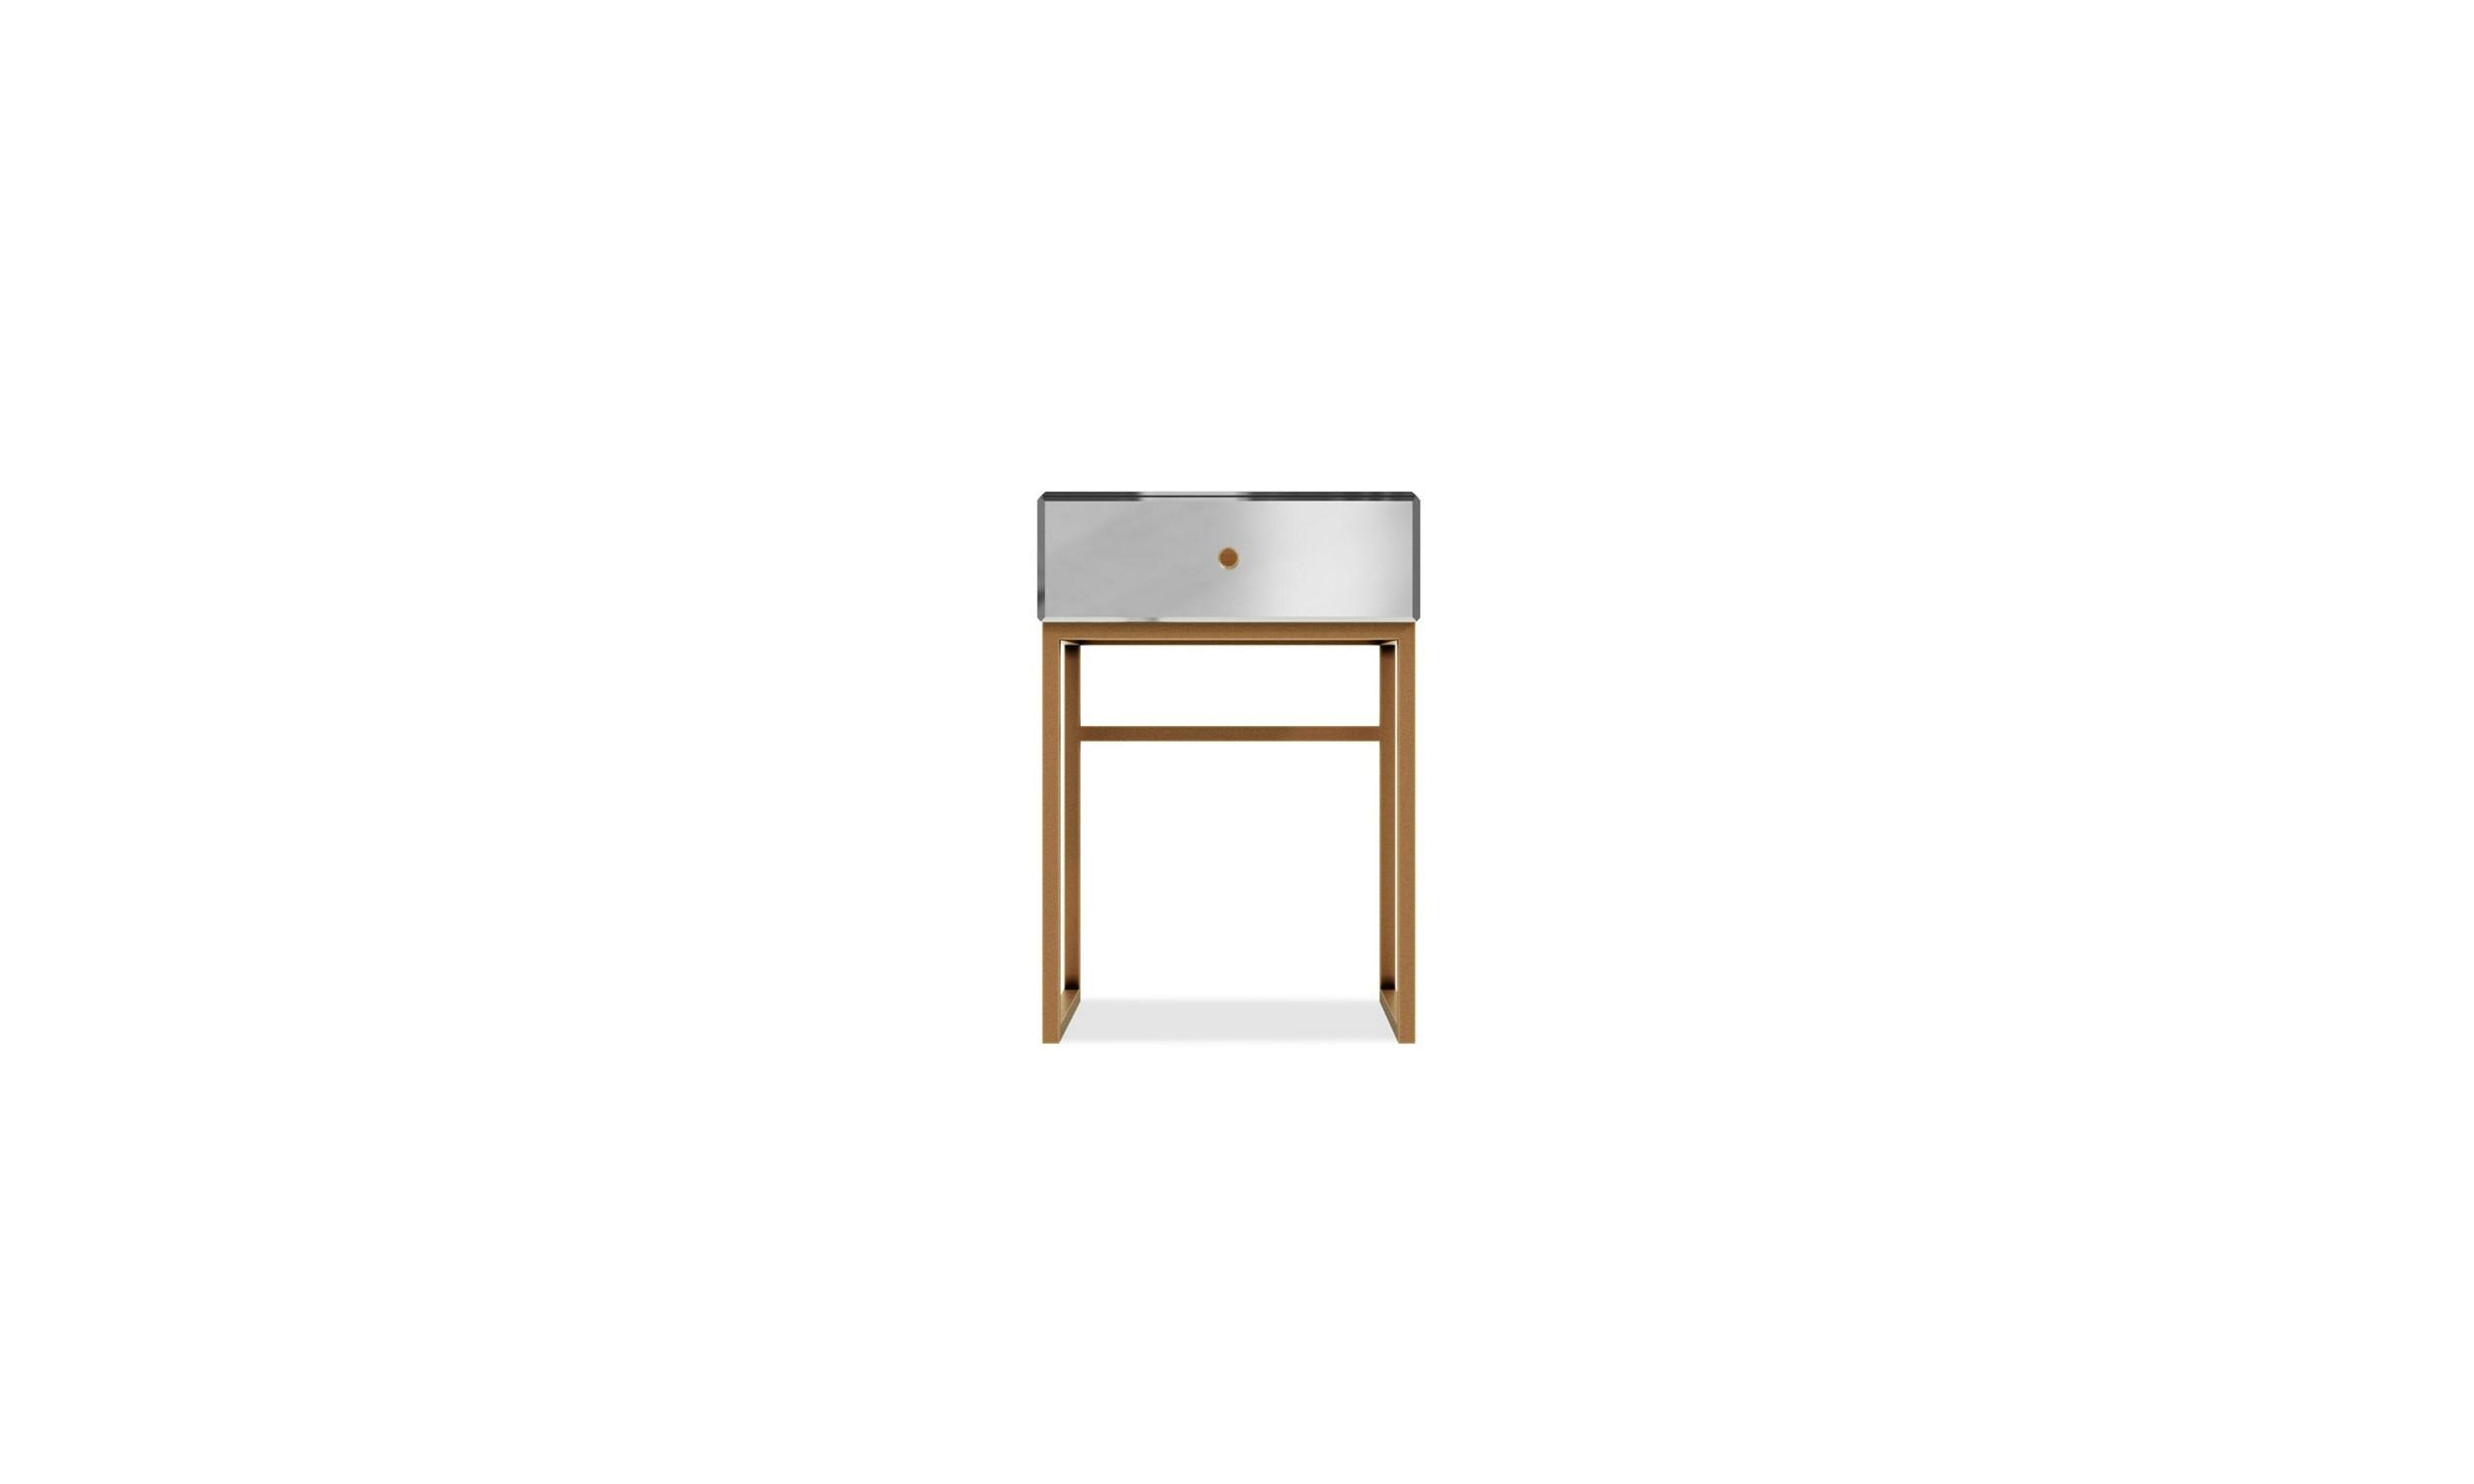 Table de chevet miroir pied or MIRABEL